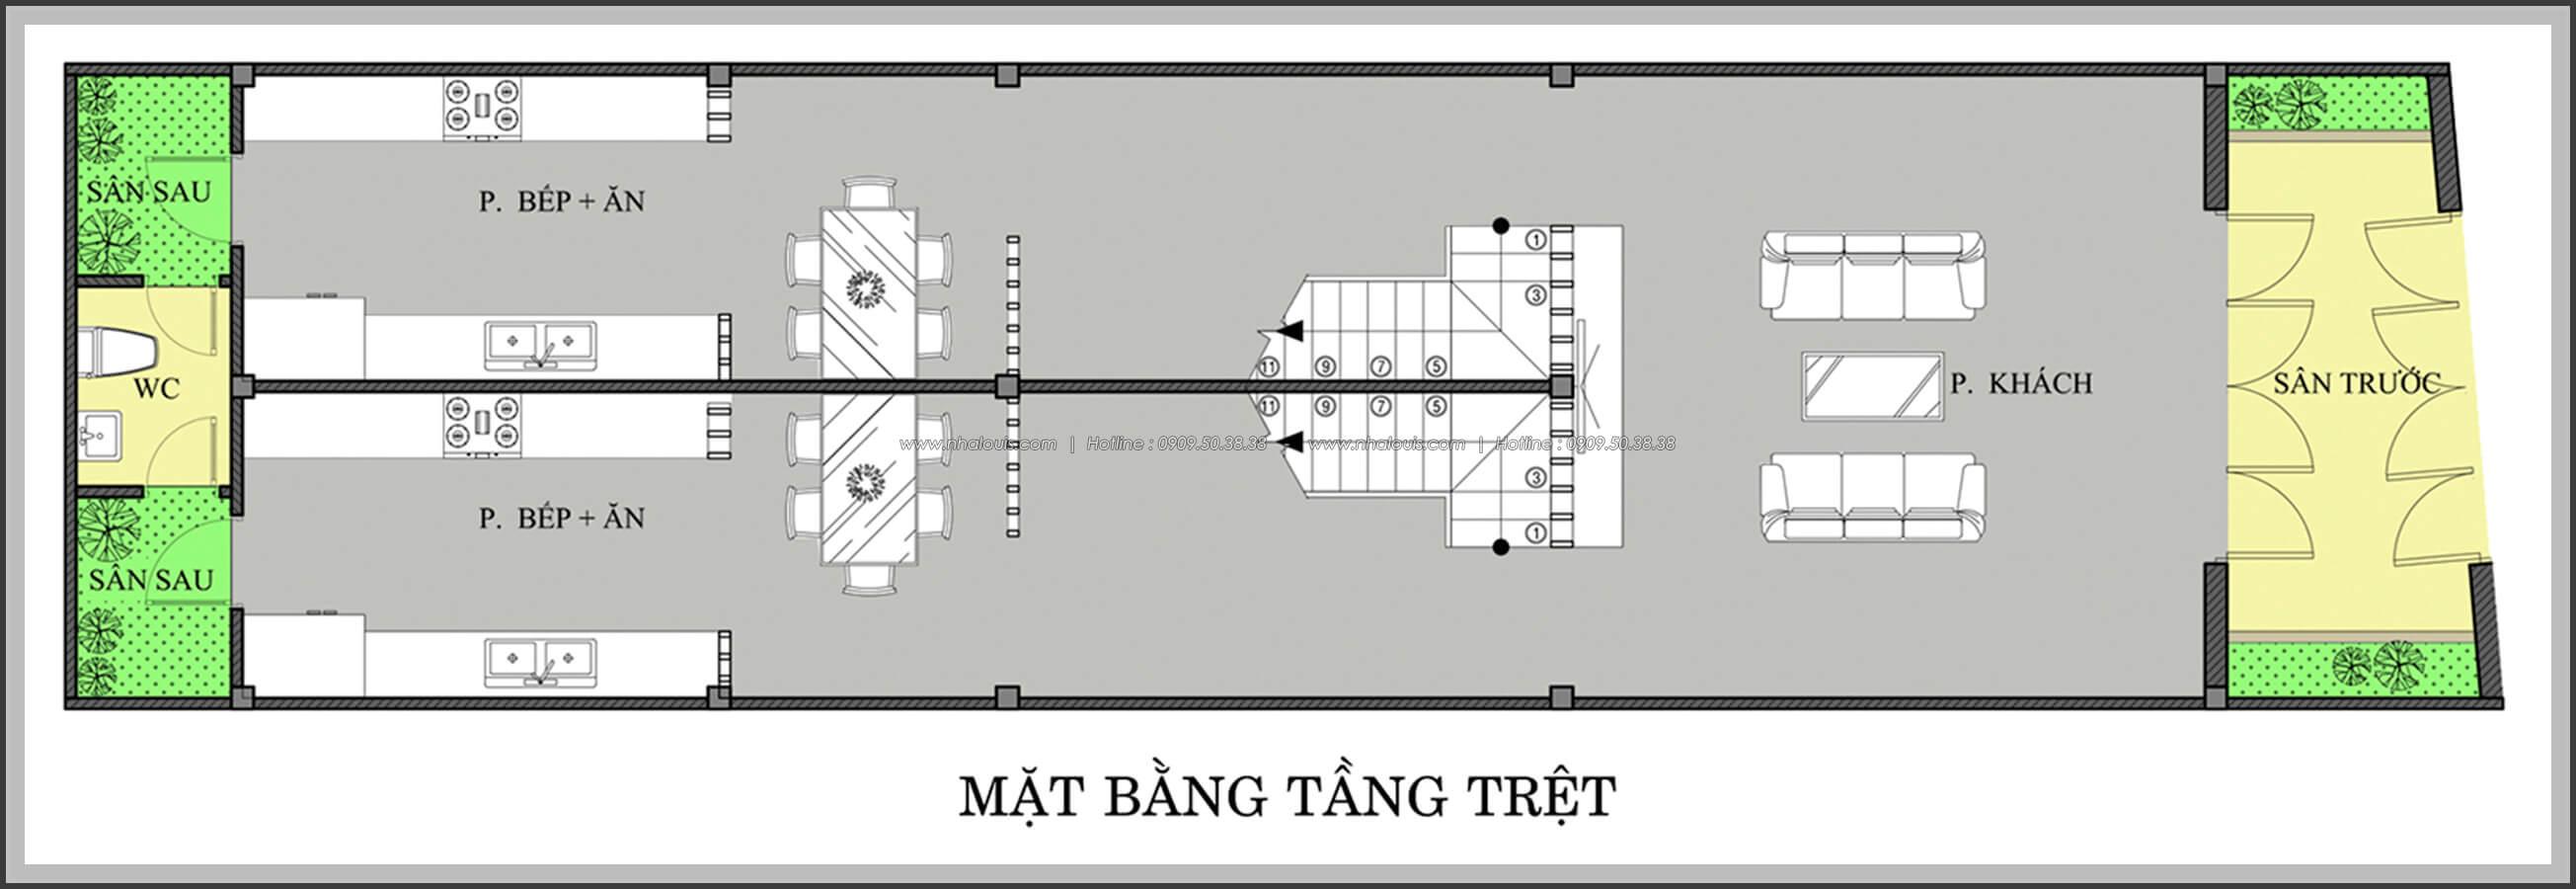 Mặt bằng tầng trệt Thiết kế nhà mặt tiền 6m tại Quận Bình Tân - 3